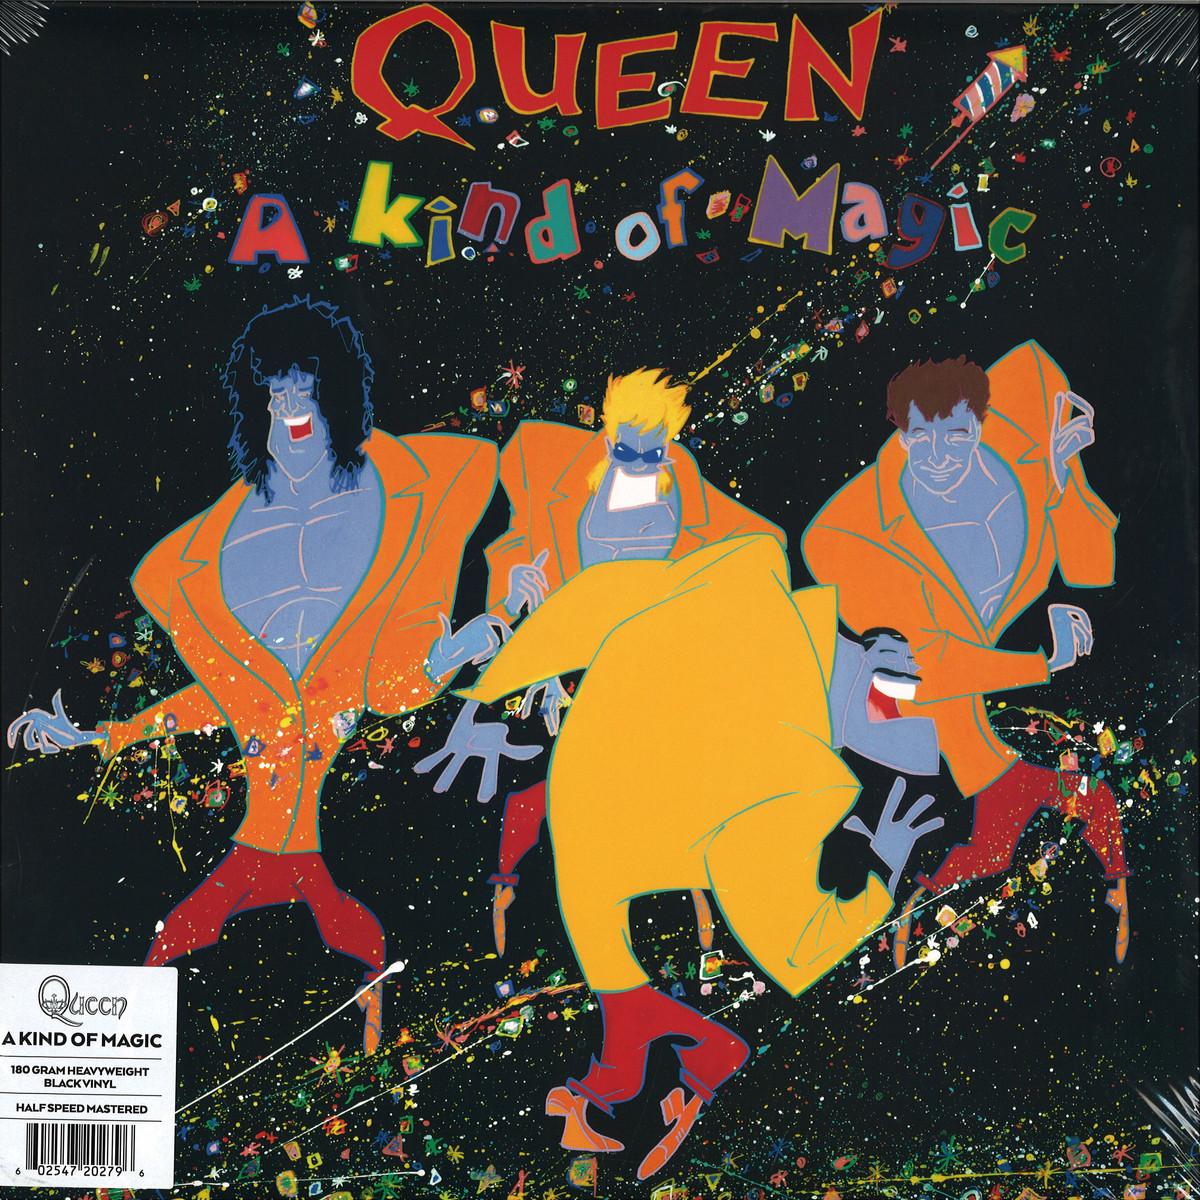 Queen - A Kind Of Magic / EMI 4720279 - Vinyl